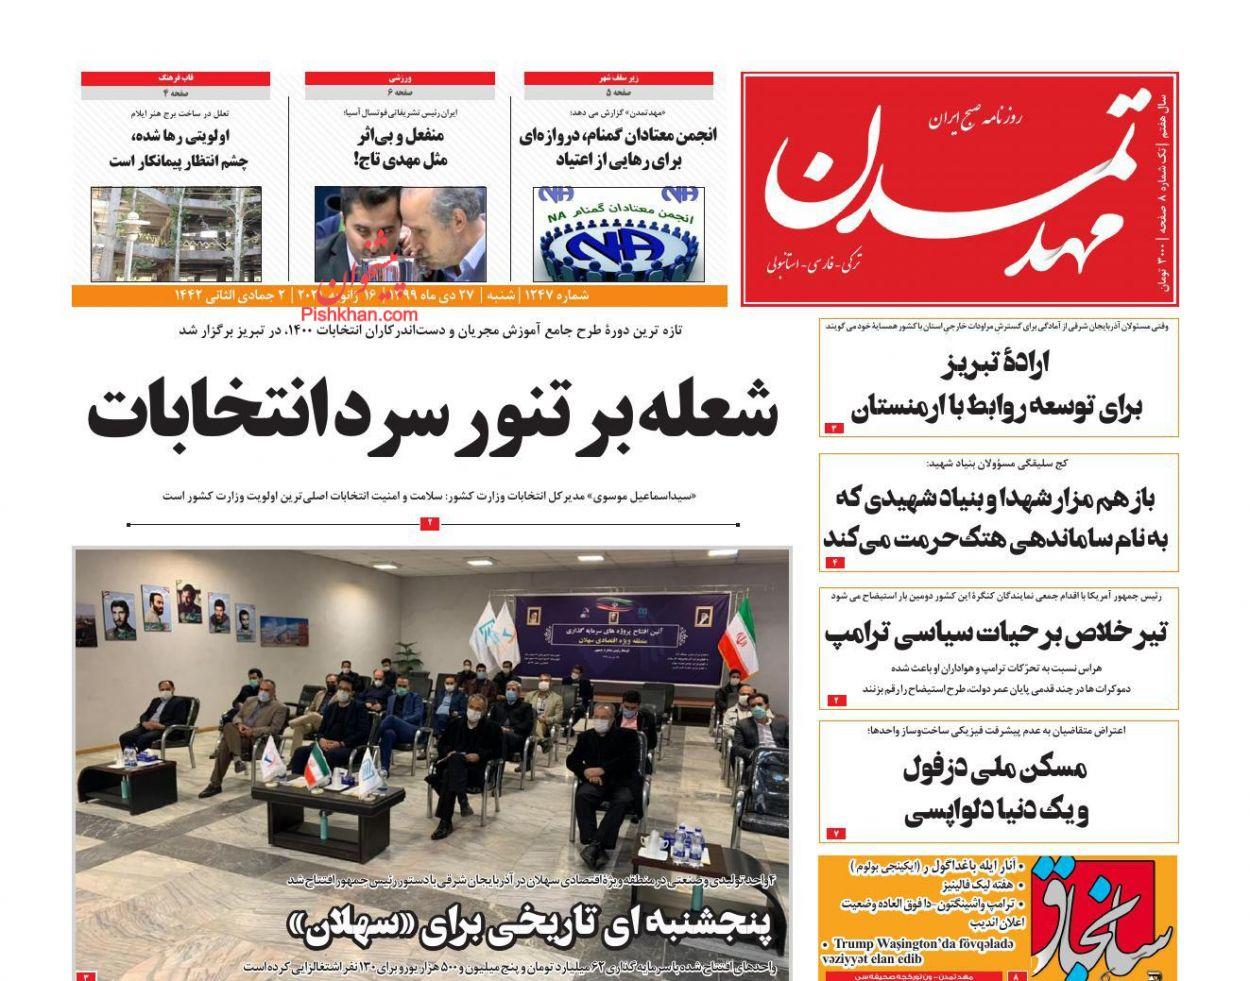 عناوین اخبار روزنامه مهد تمدن در روز شنبه ۲۷ دی